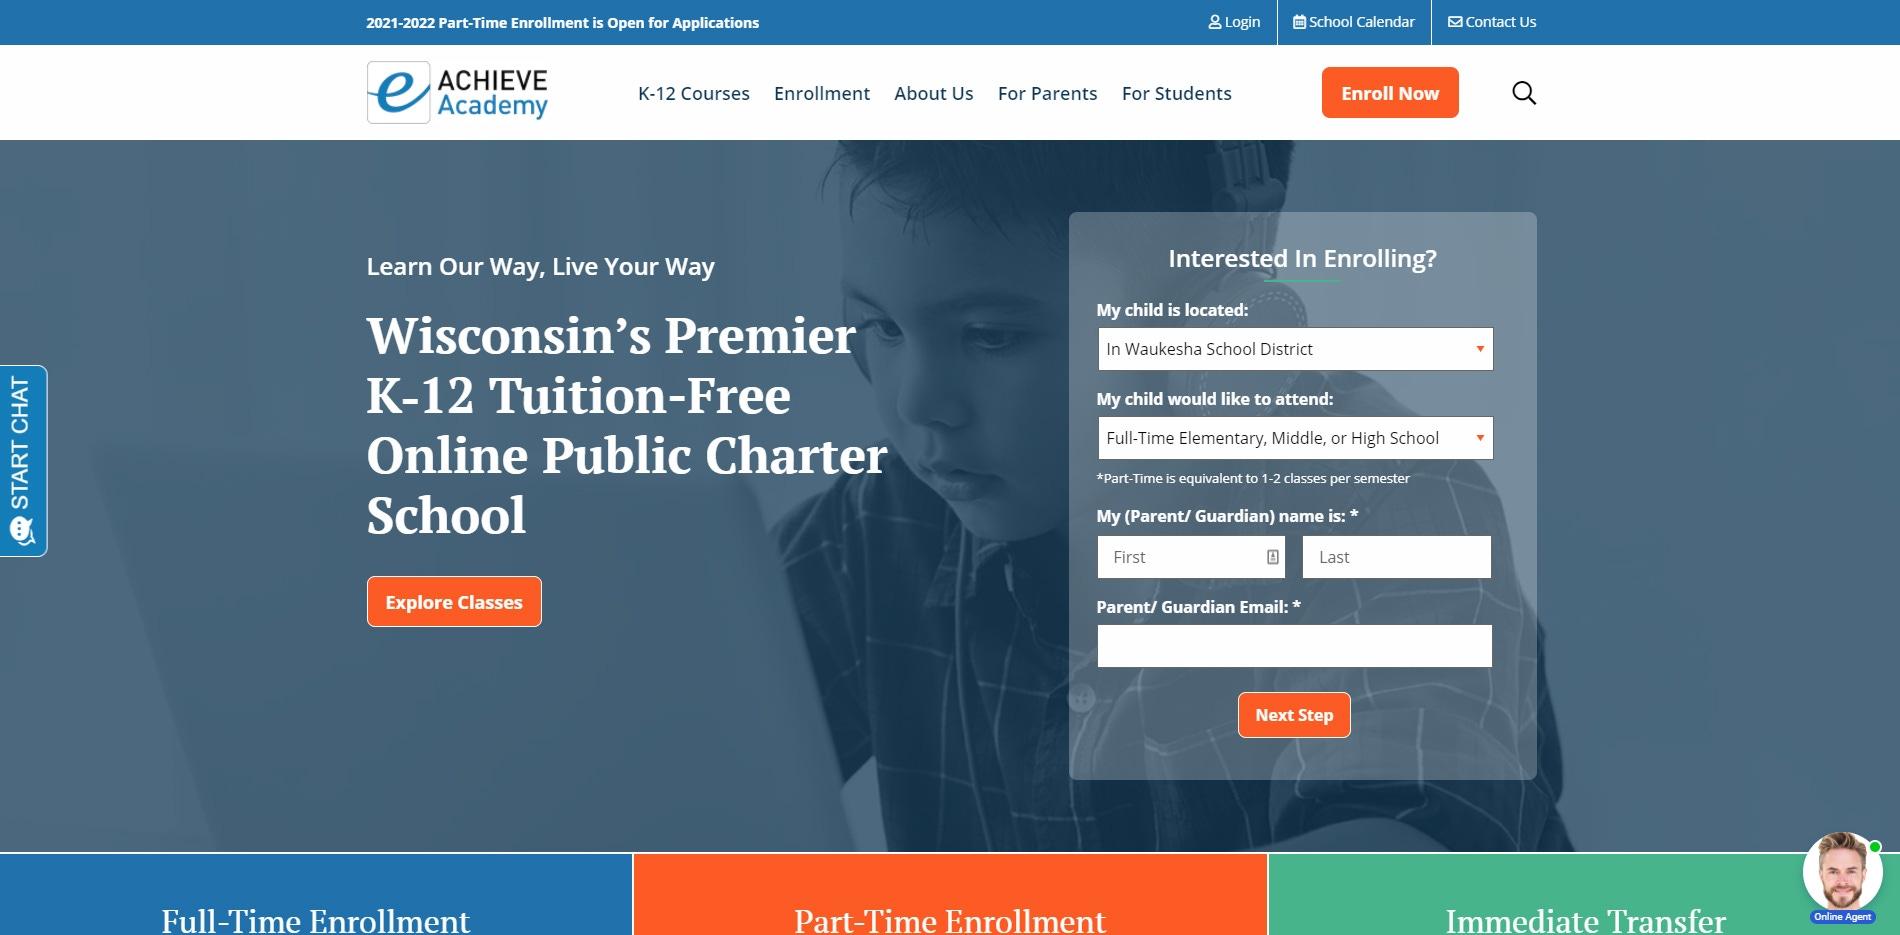 eAchieve website homepage